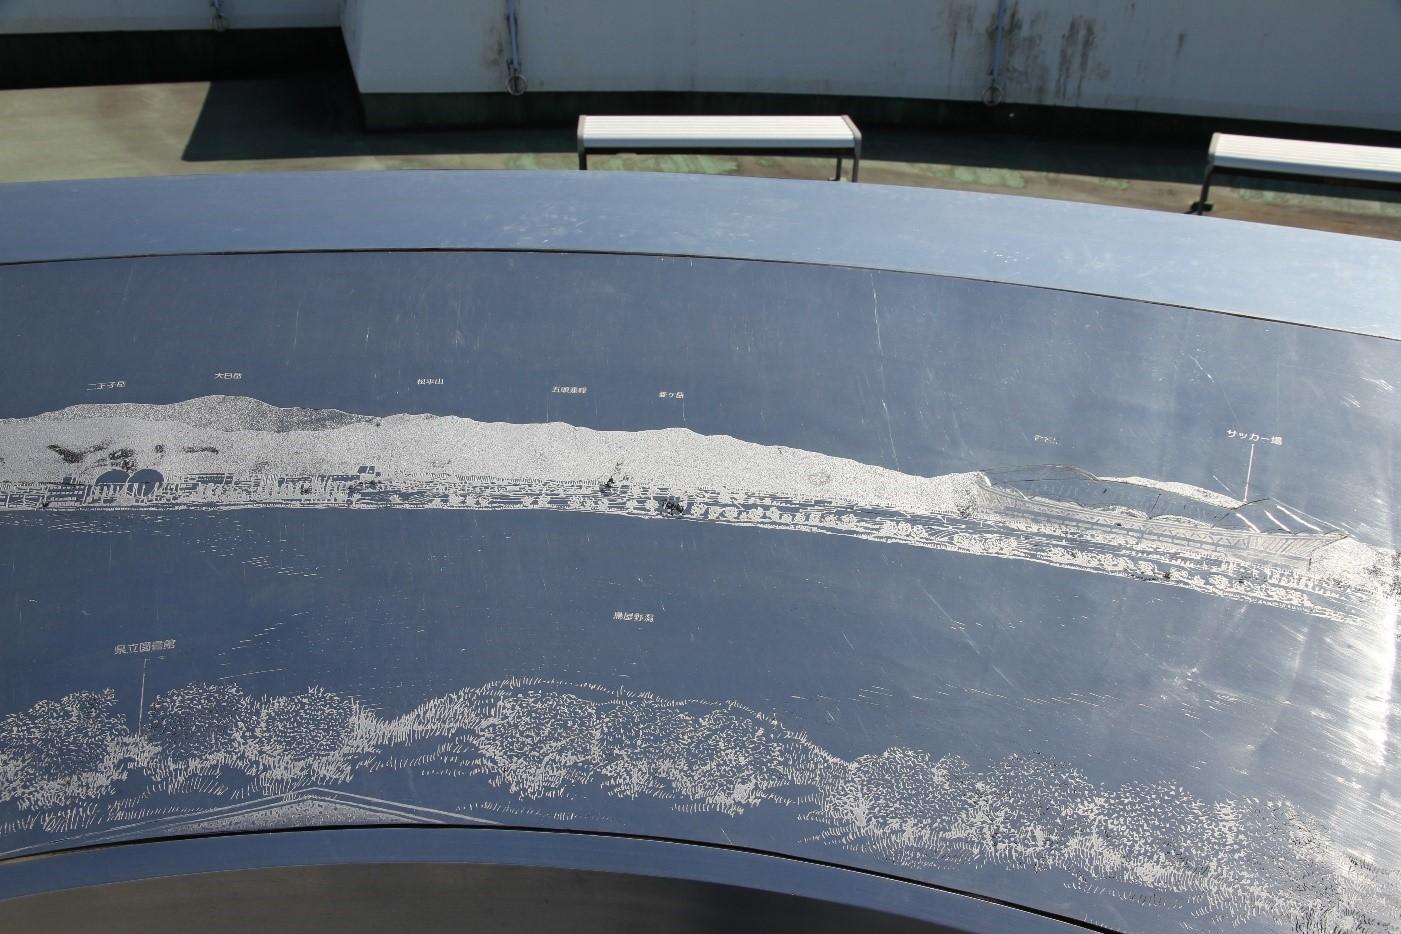 科学館東南側の景色の展望盤